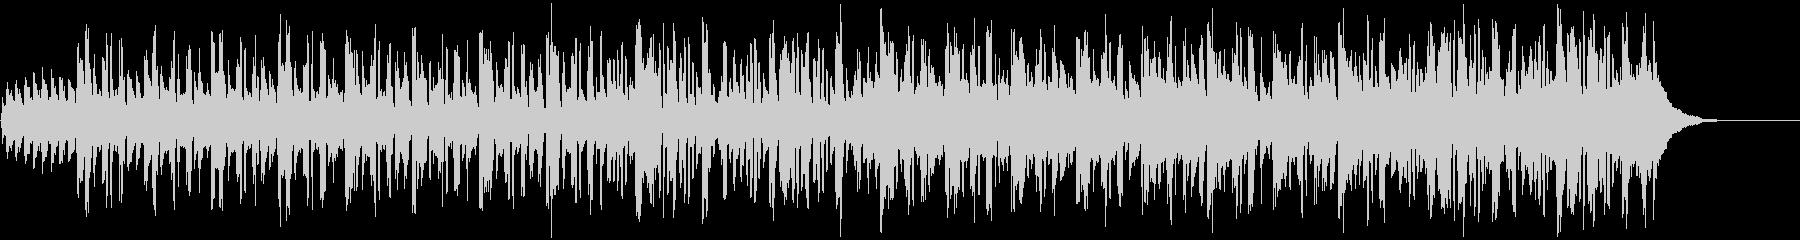 生演奏 リコーダー フィンランドの舞曲の未再生の波形